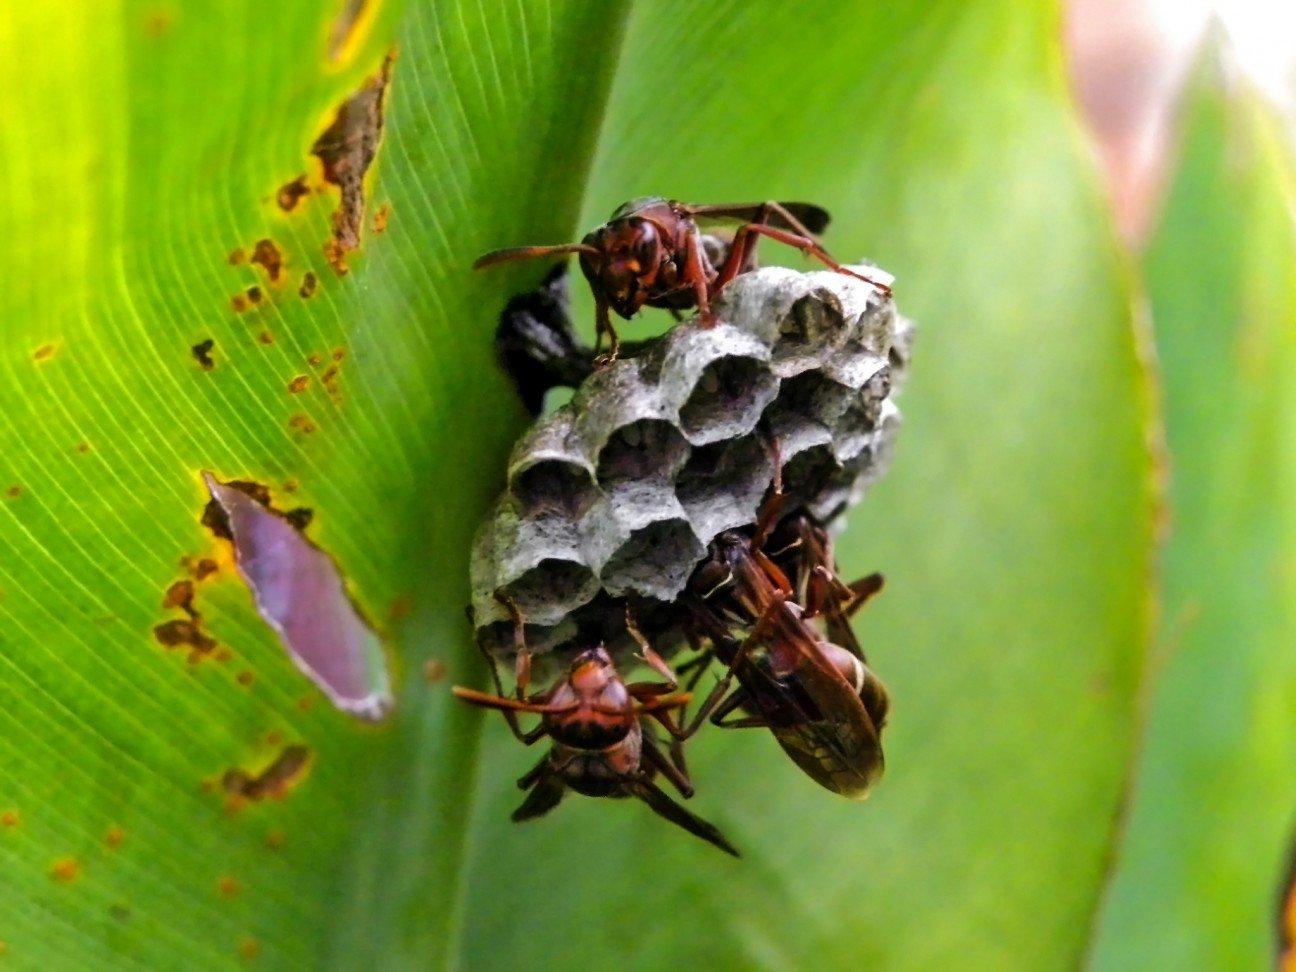 Пчелиный укус в любовном гнездышке 6 фотография